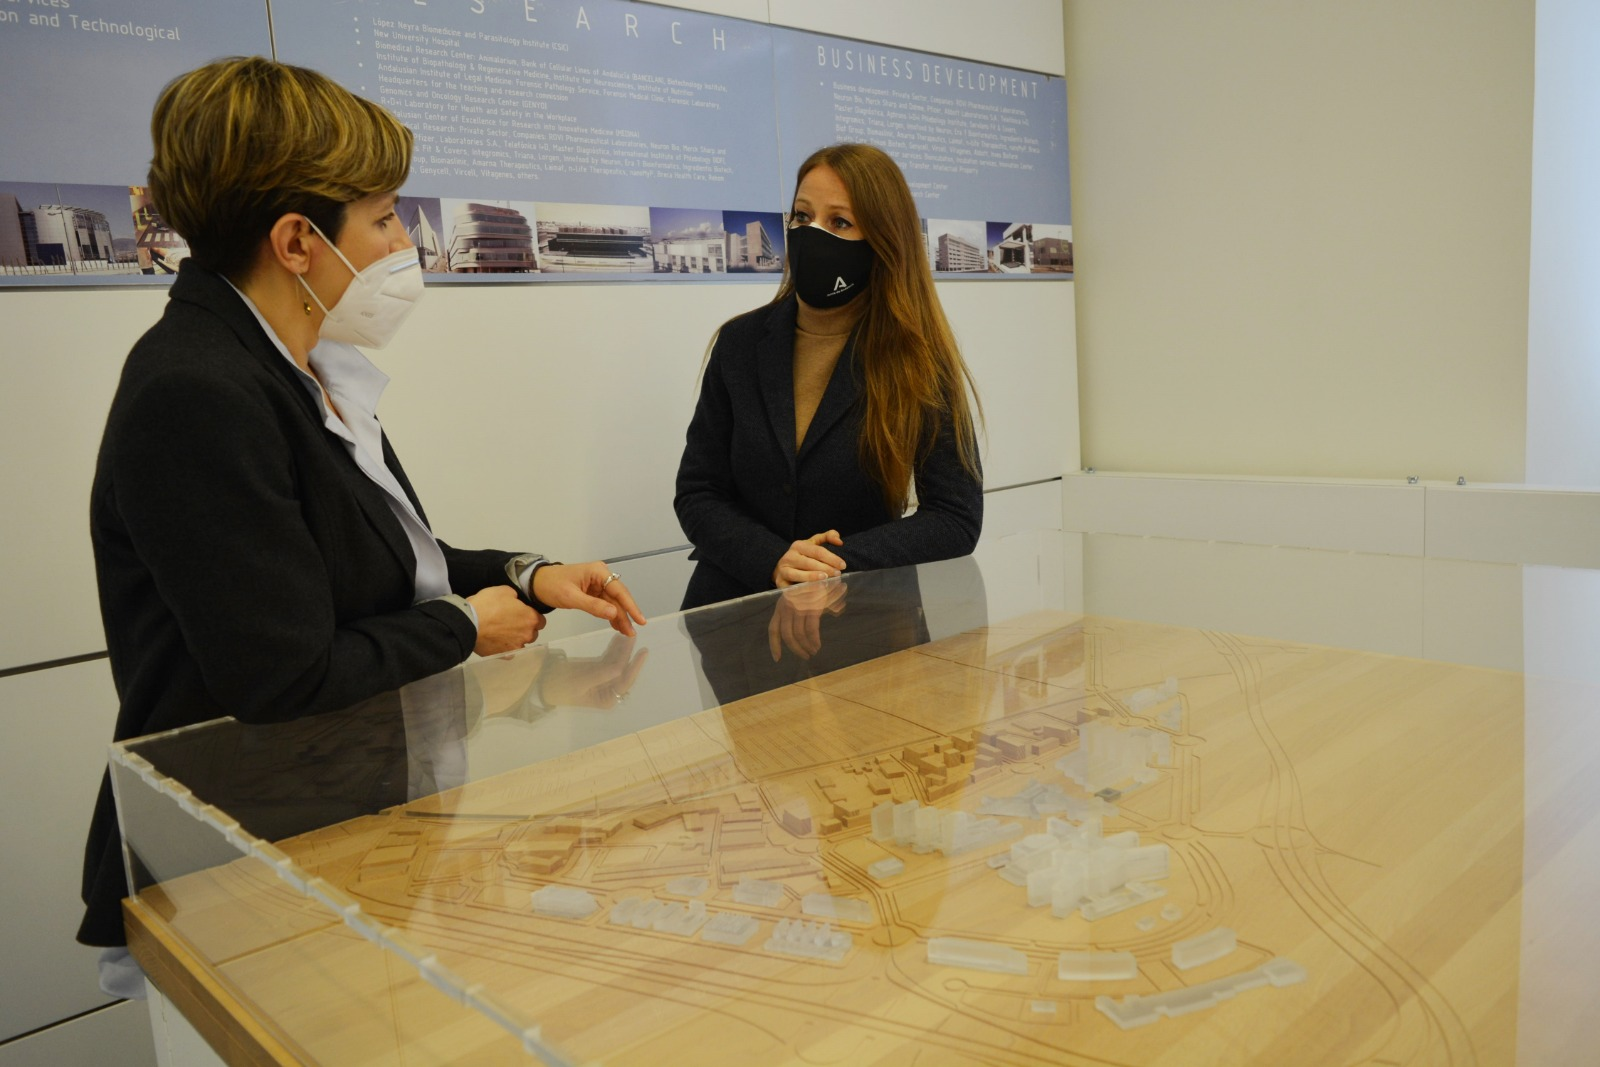 Las instalaciones y empresas alojadas en el PTS podrán ser visitadas en 3D a través de su web